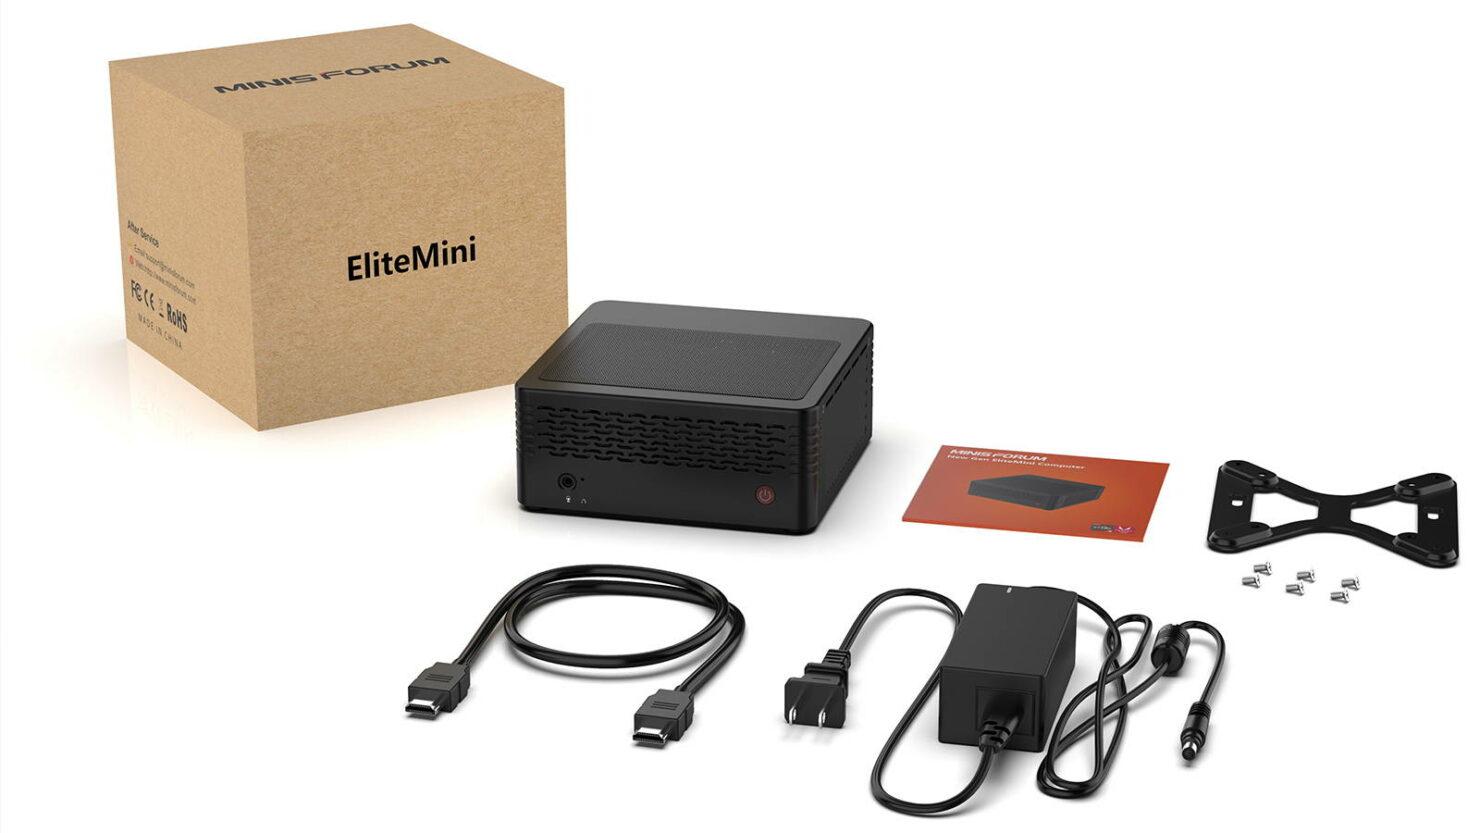 minisforum-elitemini-x500-sff-pc-with-amd-ryzen-7-5700g-zen-3-apu-_6